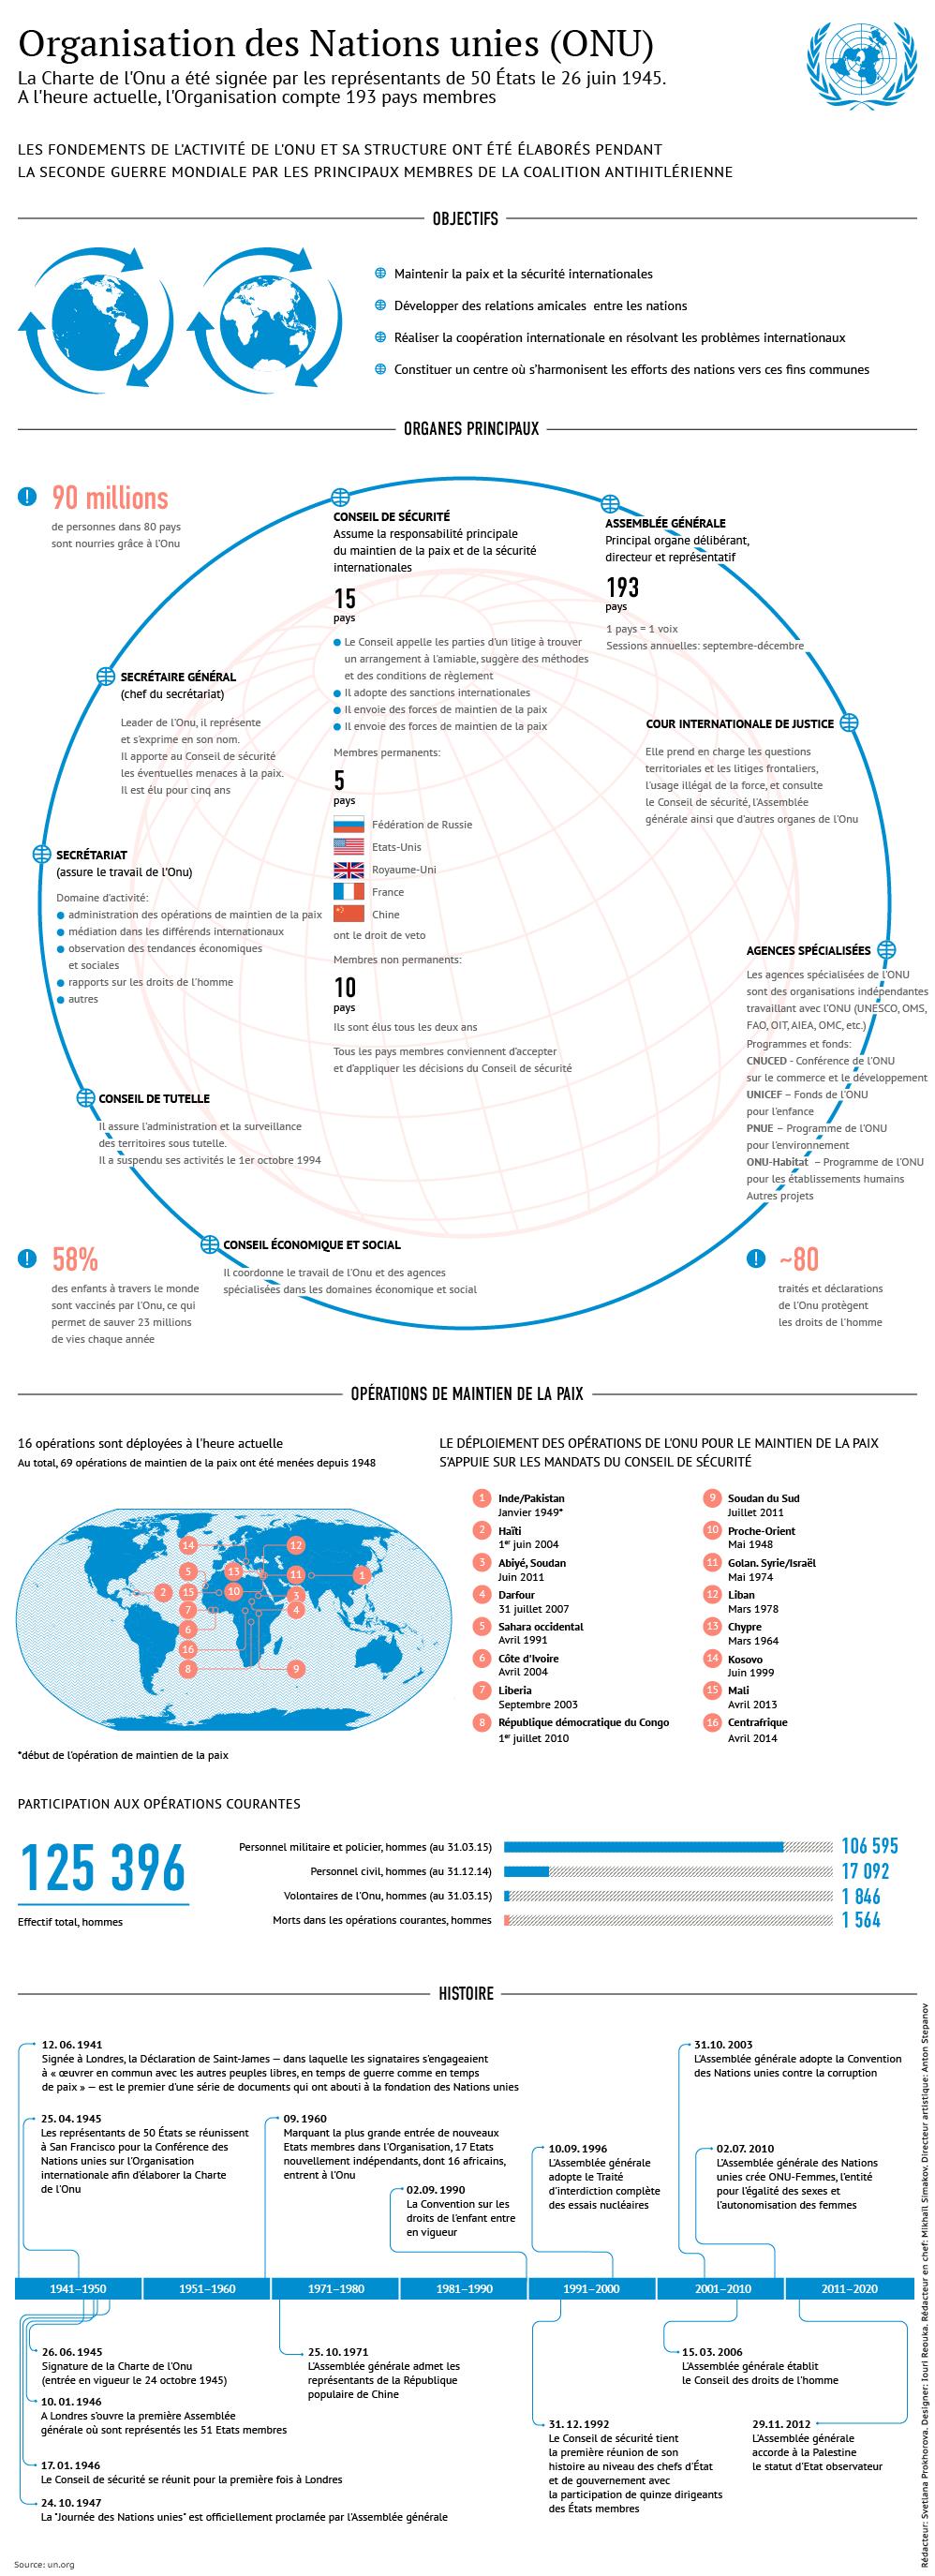 Nations unies : structure et histoire